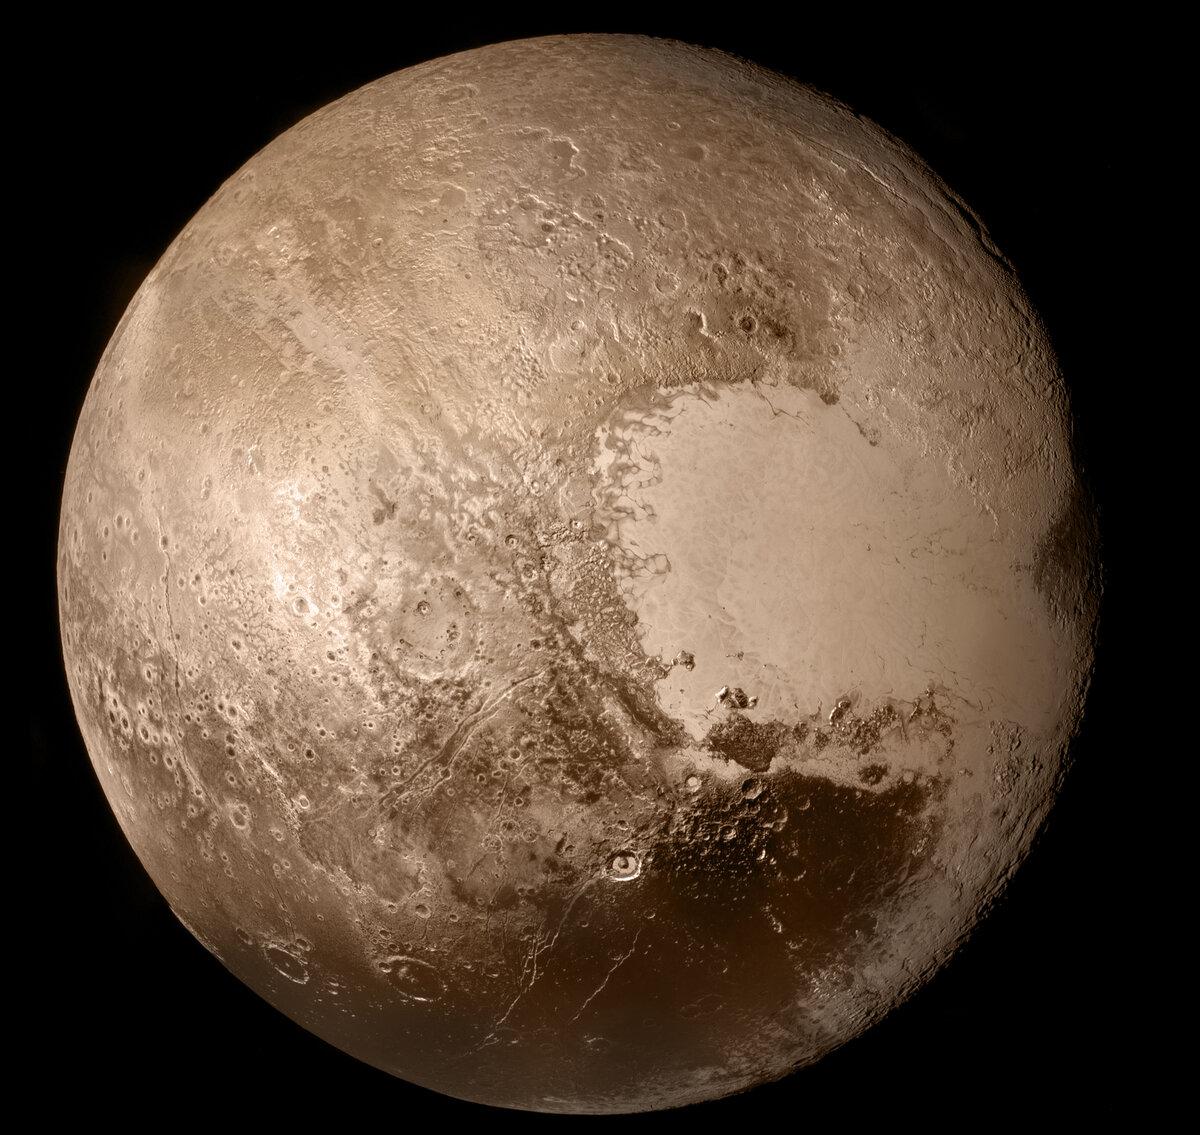 завязывает вокруг плутон планета или нет фото мобильный телефон